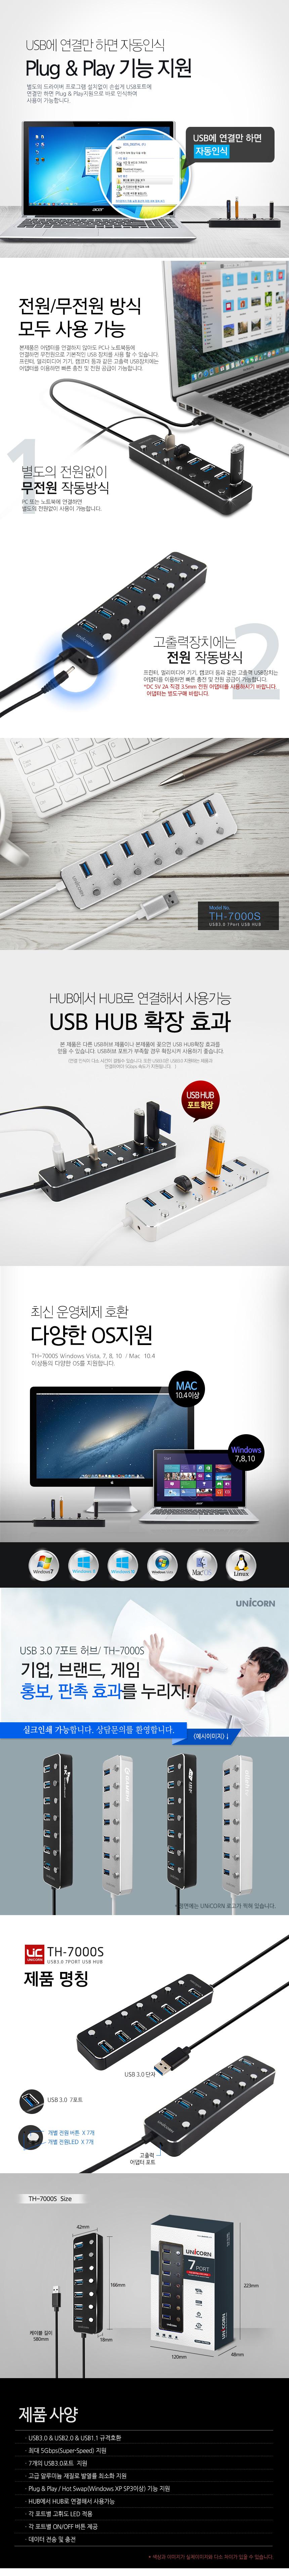 서진네트웍스 UNICORN 7포트 USB 3.0 허브 (TH-7000S)